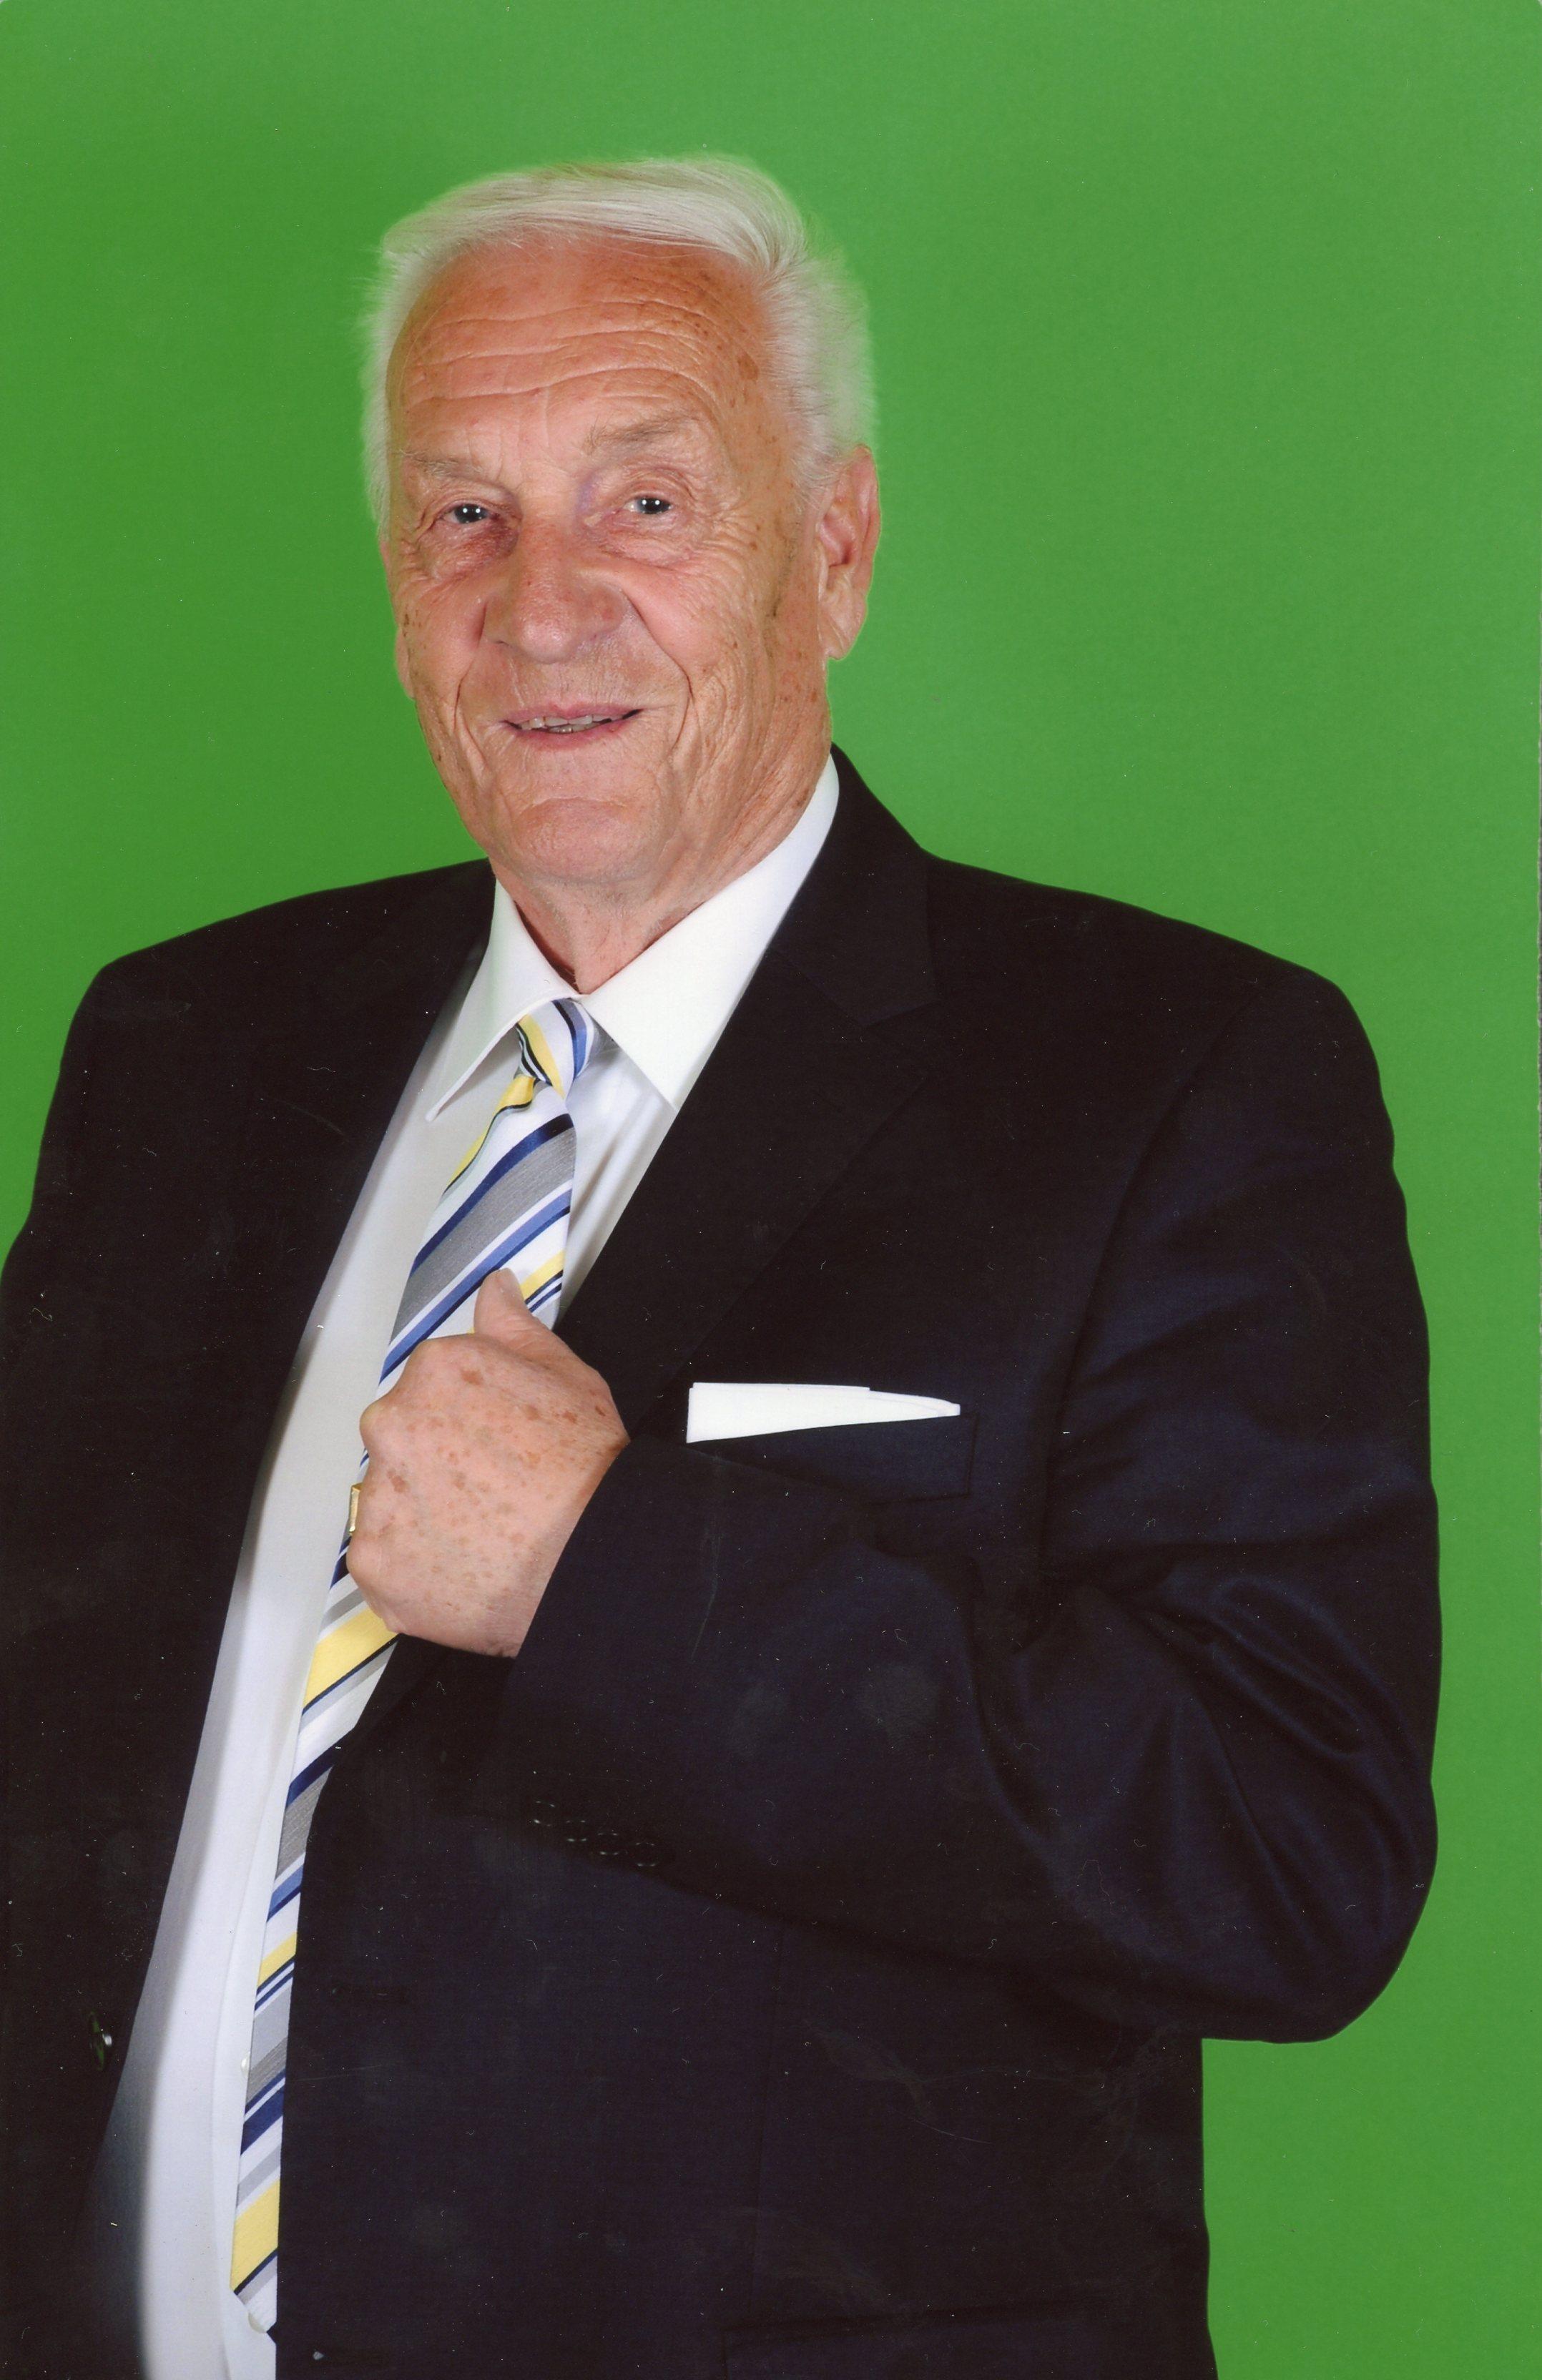 Harald Rieber